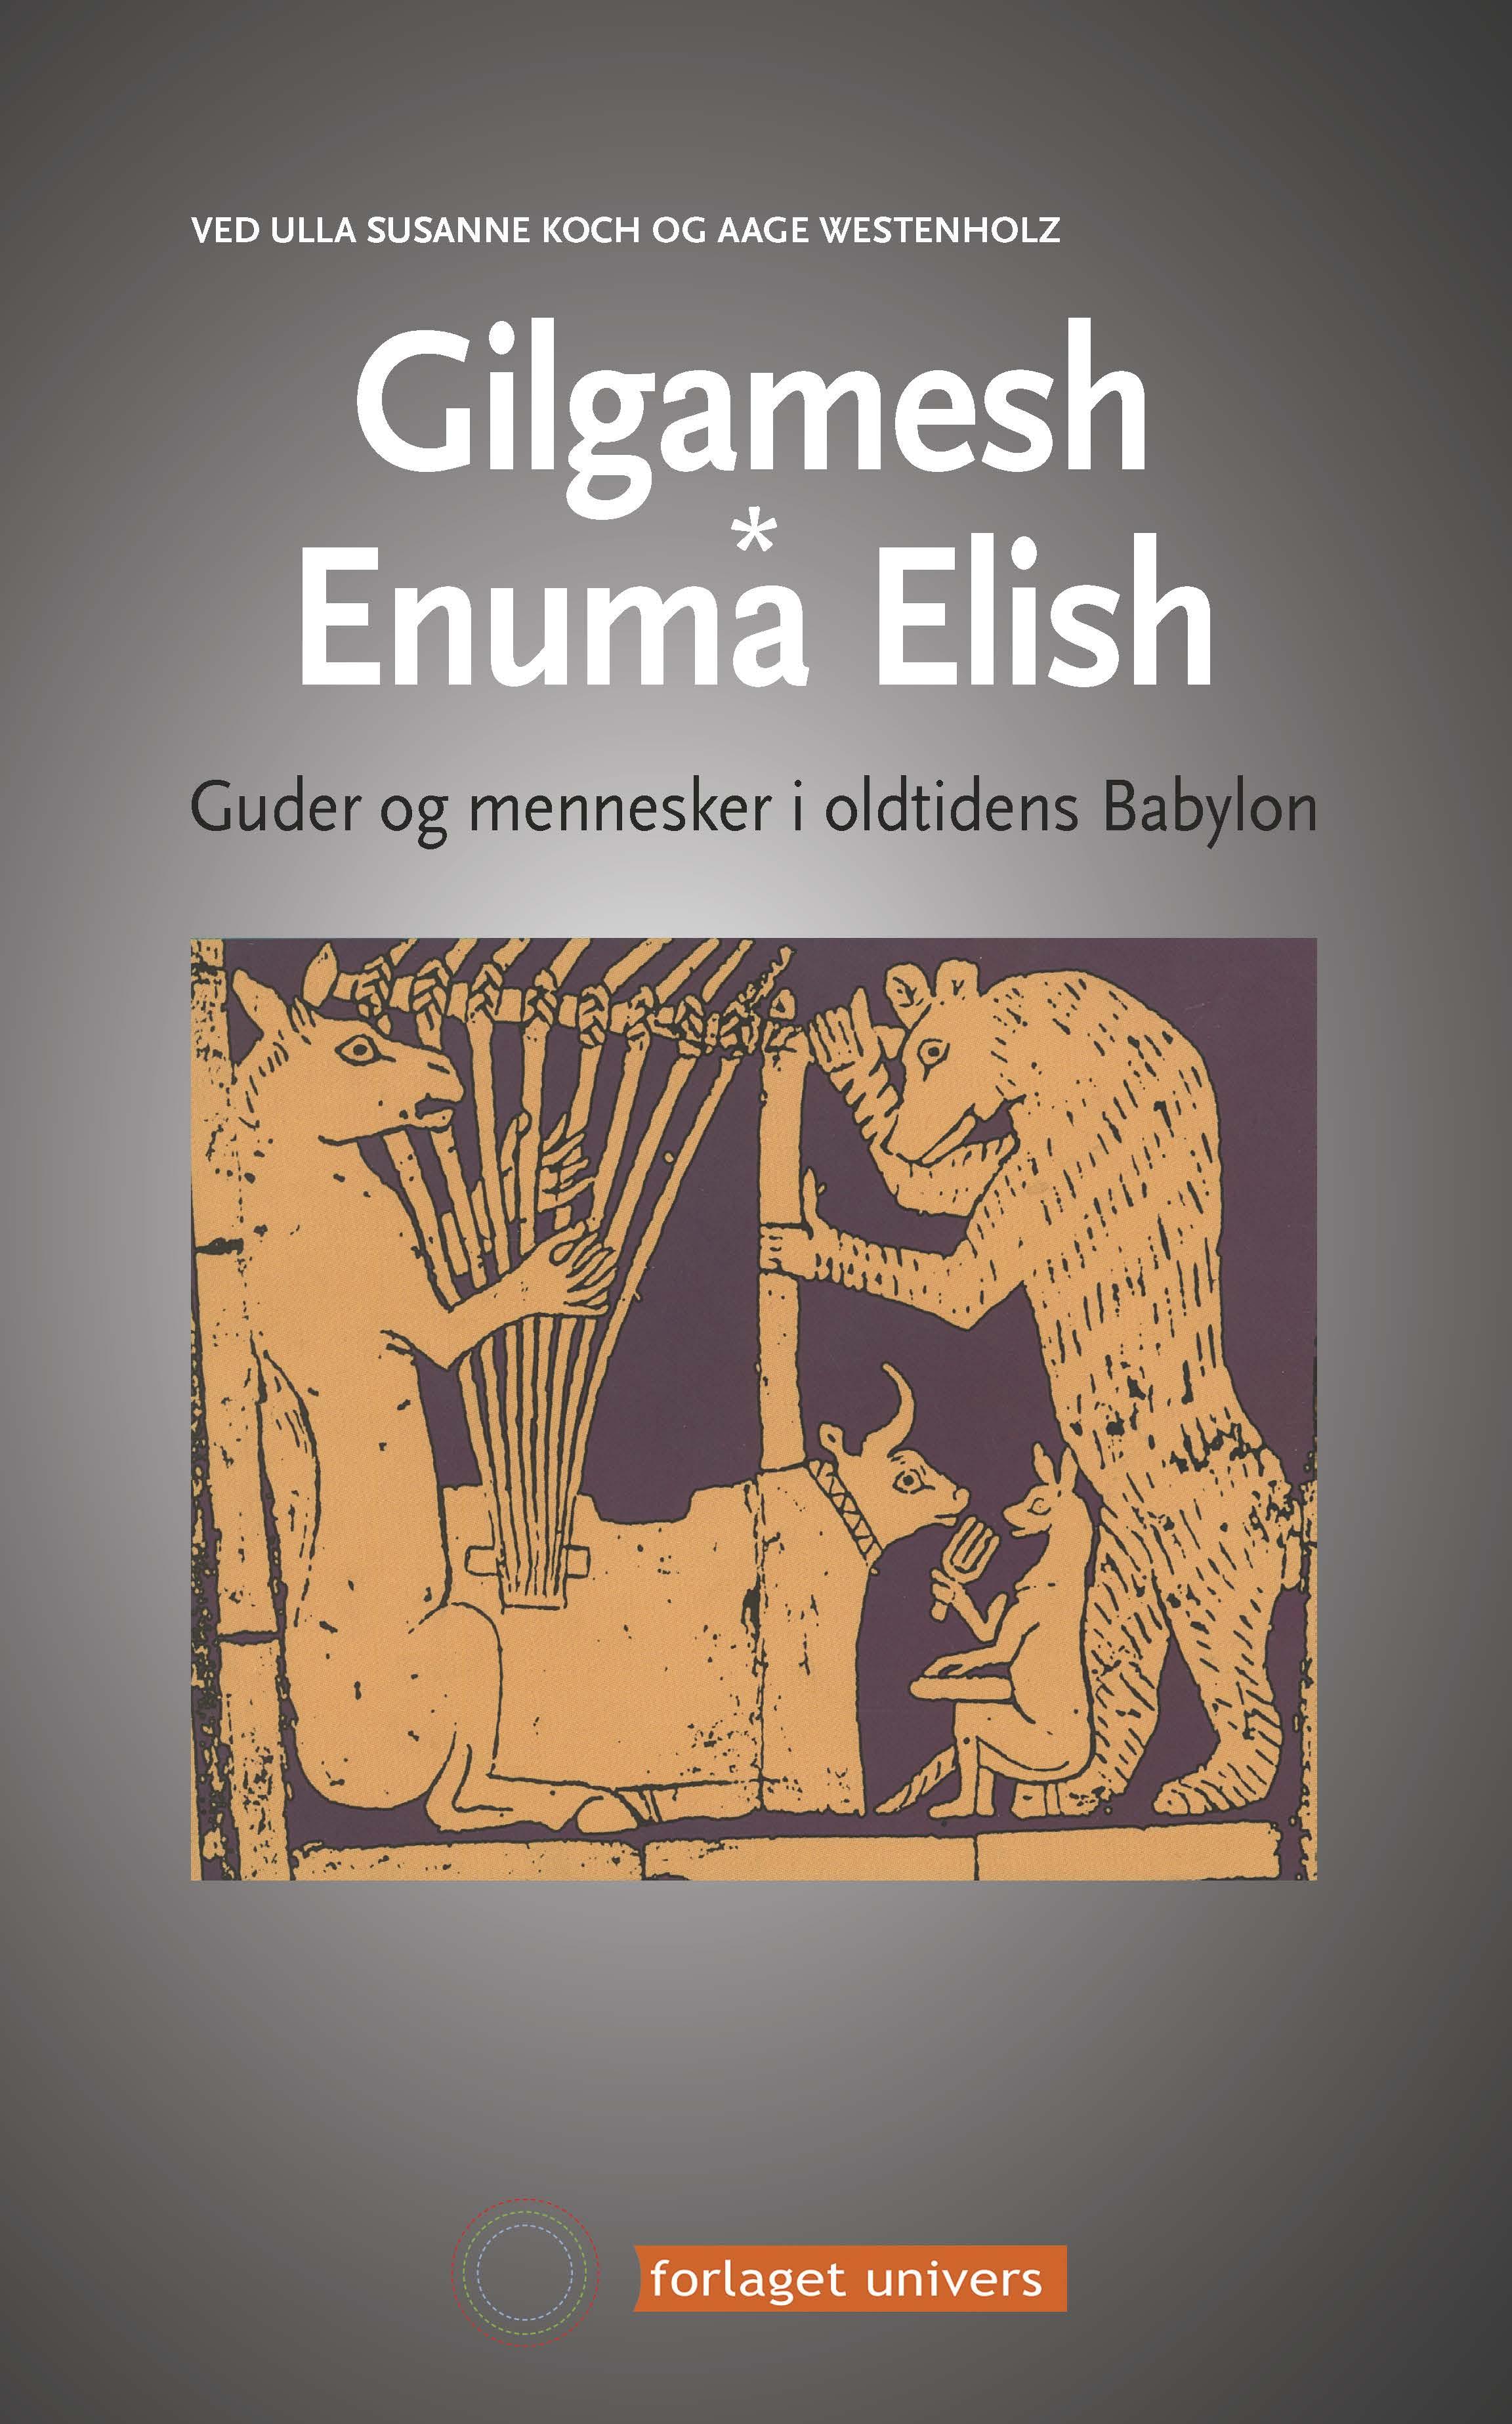 Gilgamesh - Enuma Elish